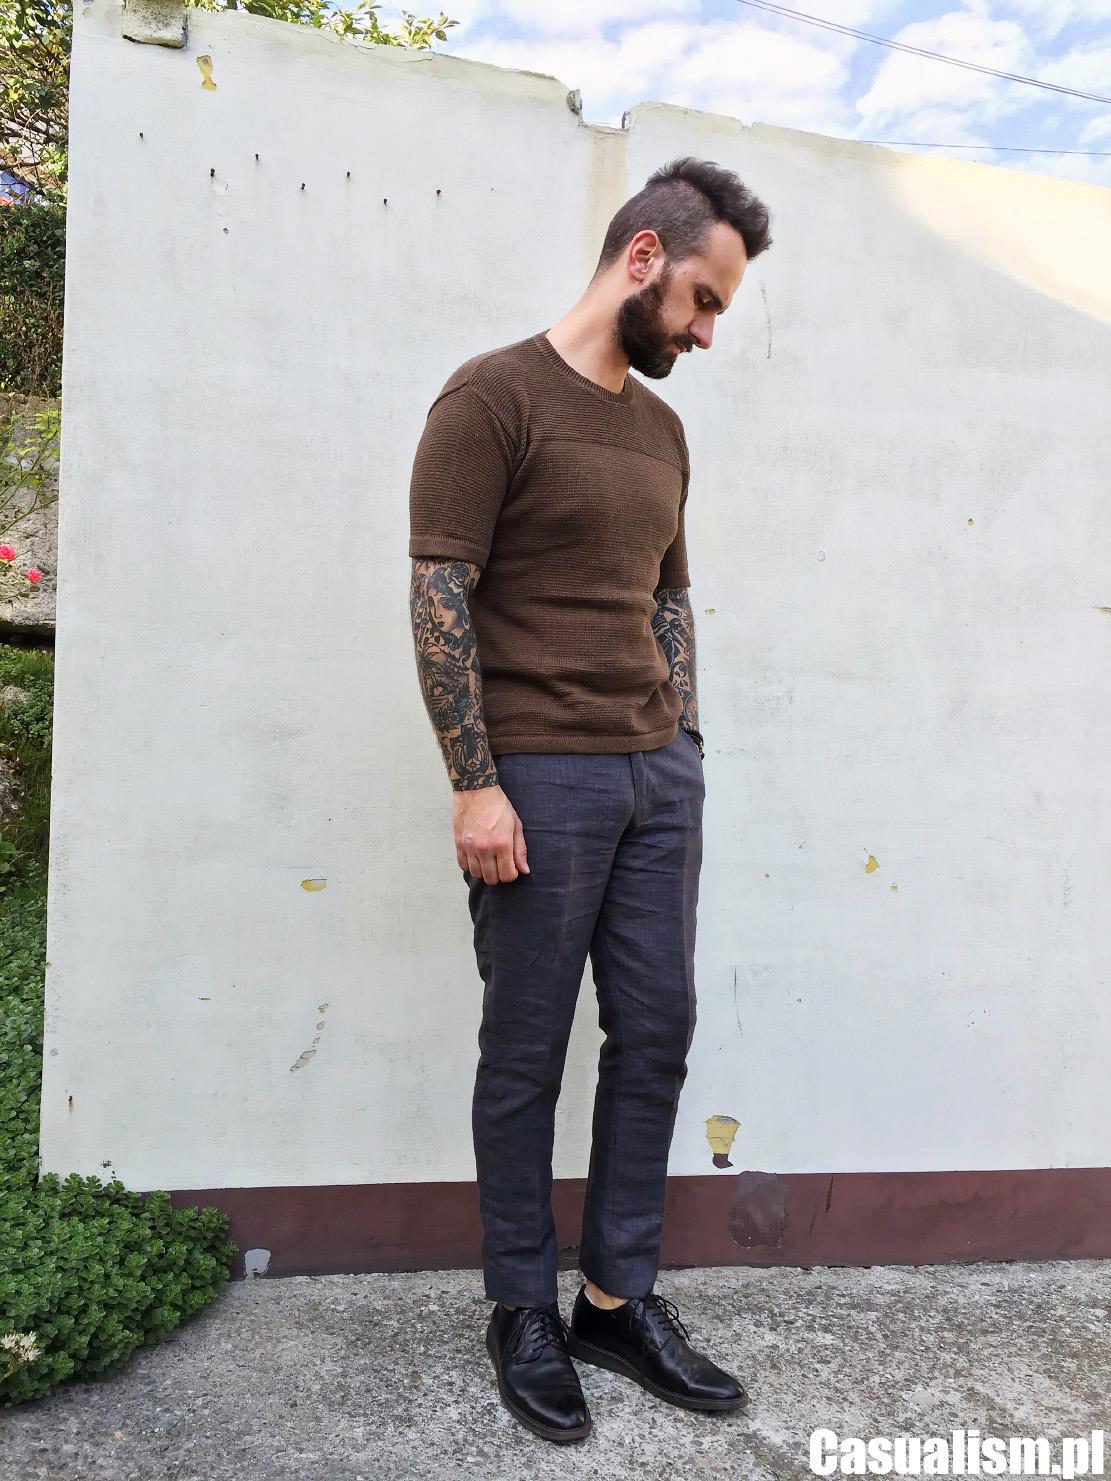 Koszulka sweter i spodnie w kant, spodnie kant i sweter, sweter z krótkim rękawem, sweter koszulka, koszulka w kształcie swetra